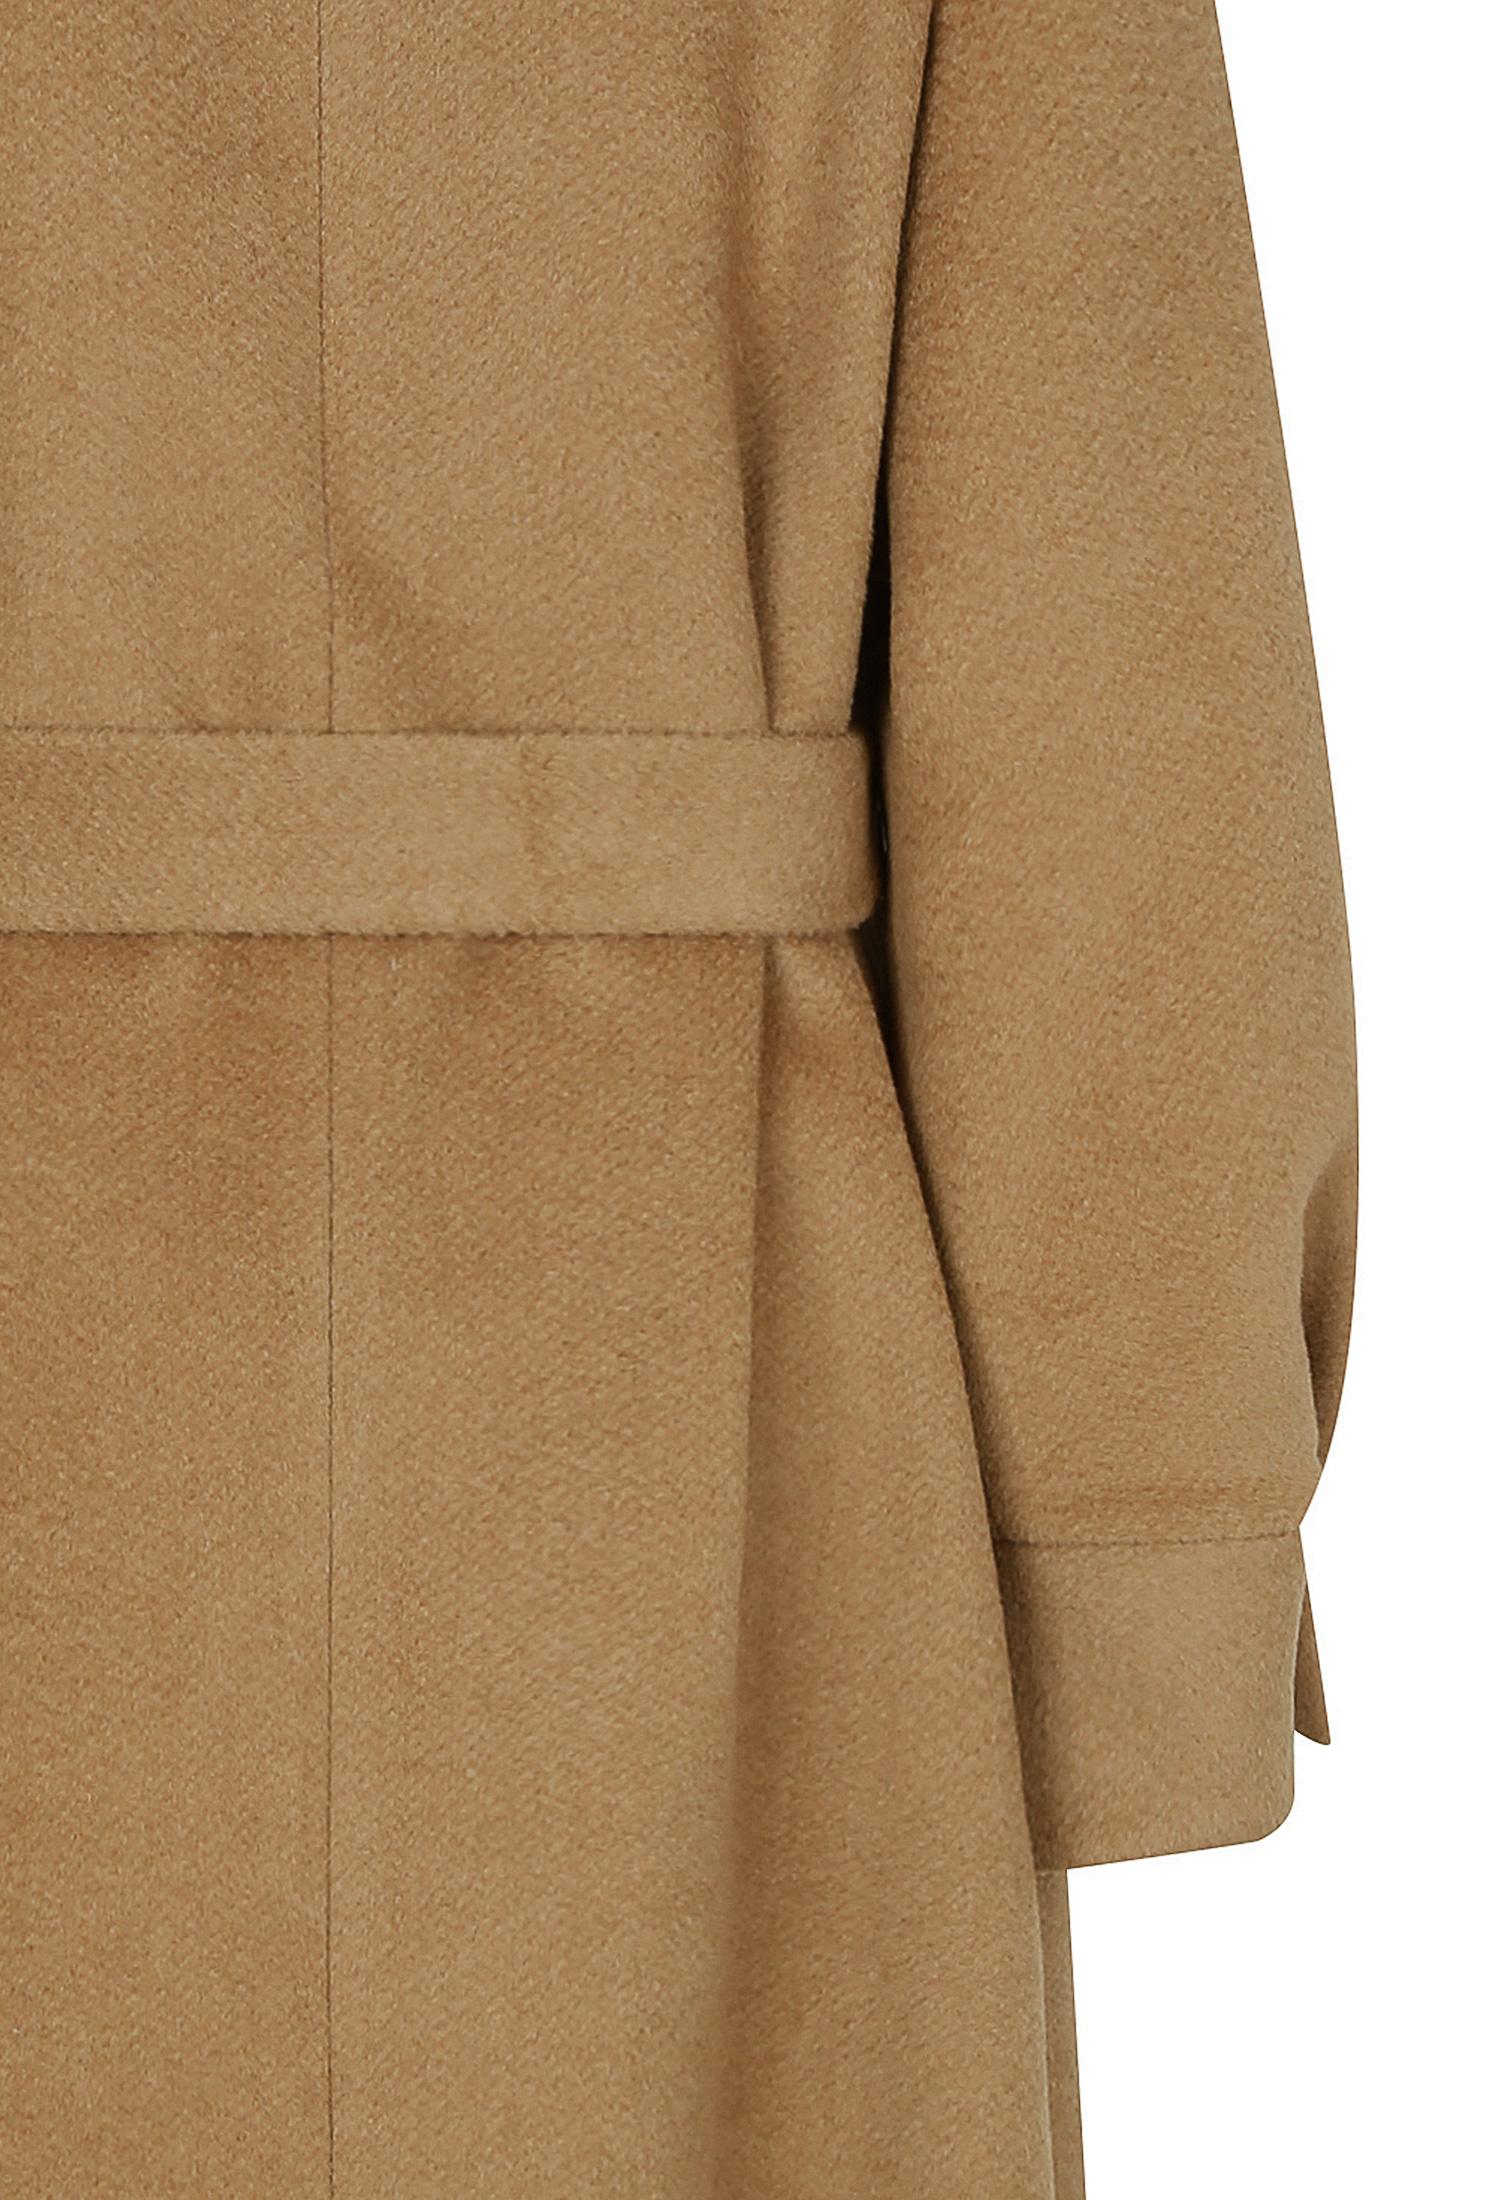 투웨이 칼라 볼륨 소매 카멜 코트 (CAMEL)